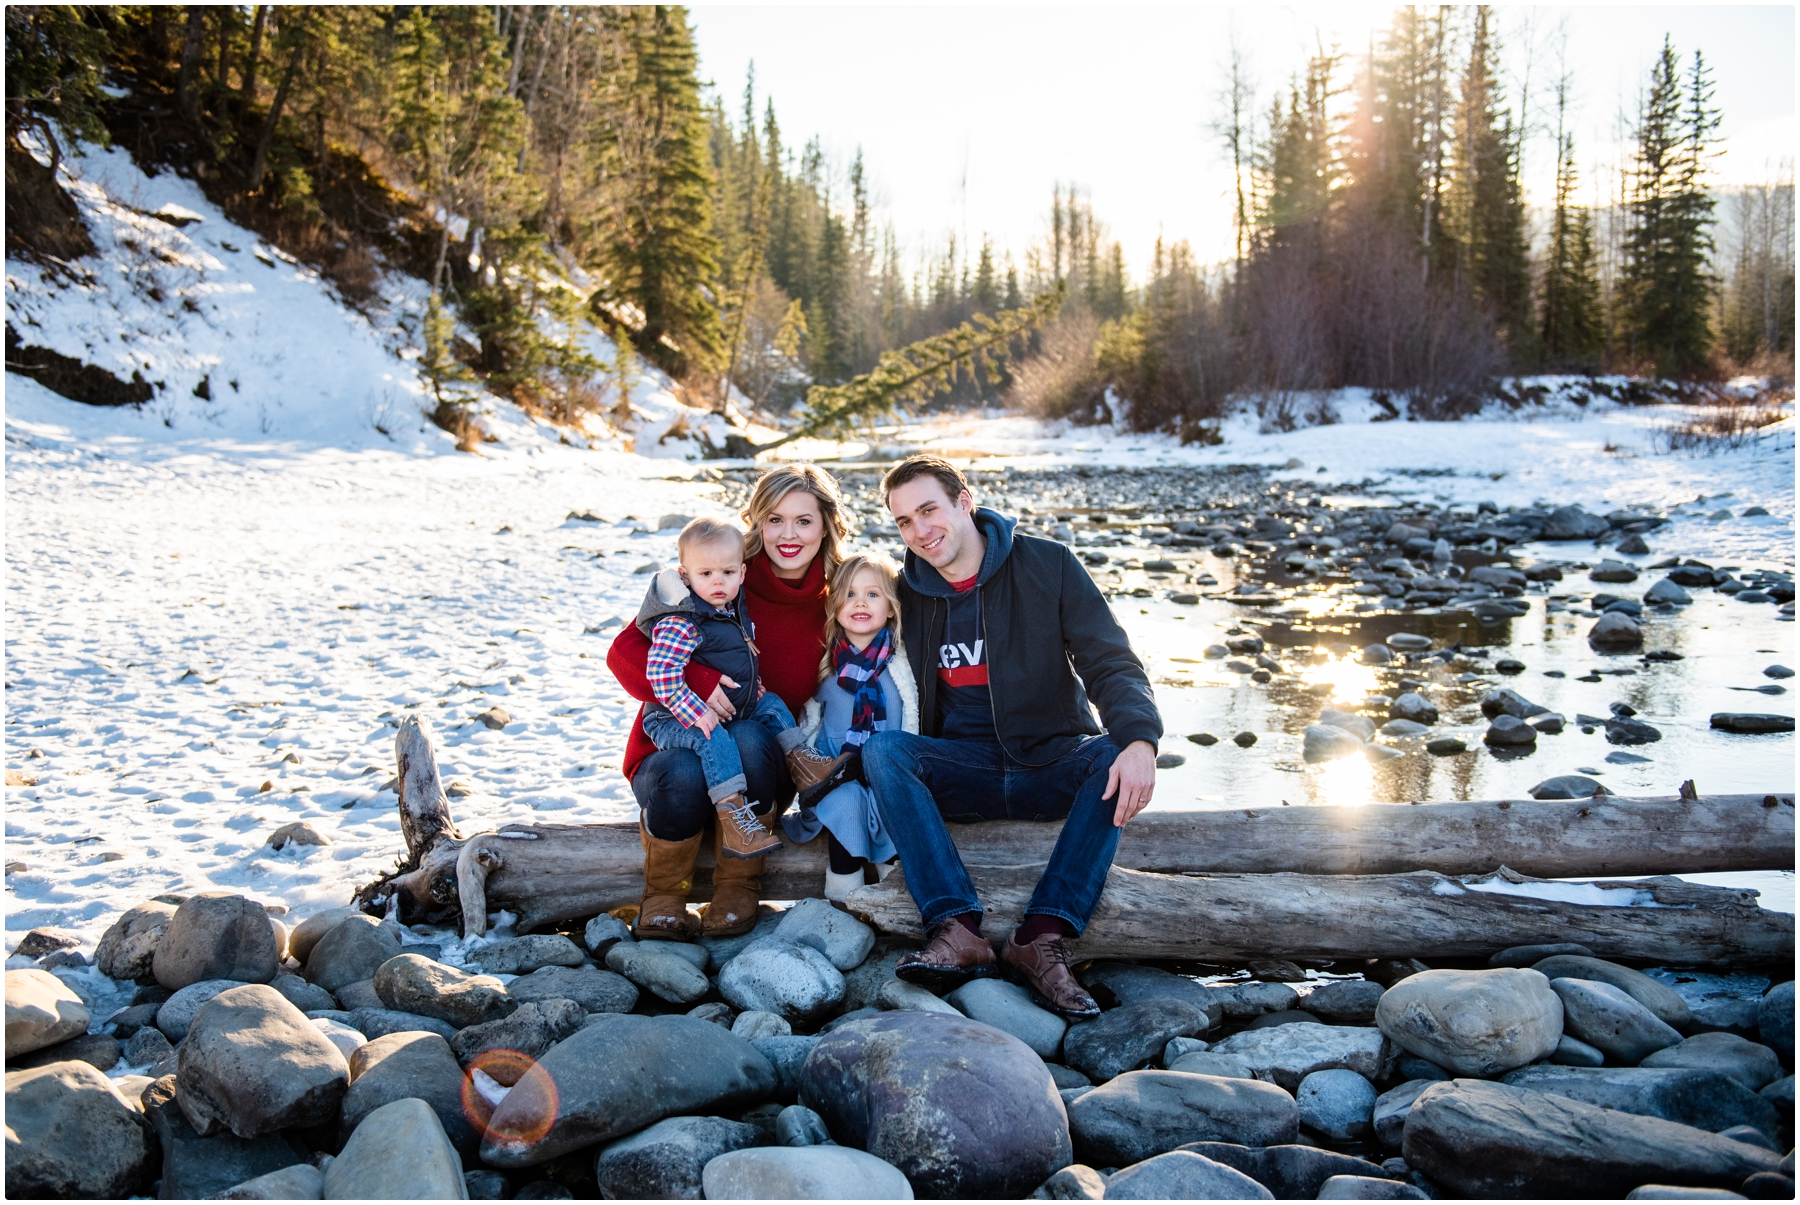 Calgary Winter Family Photos - Bragg Creek Provincial Park